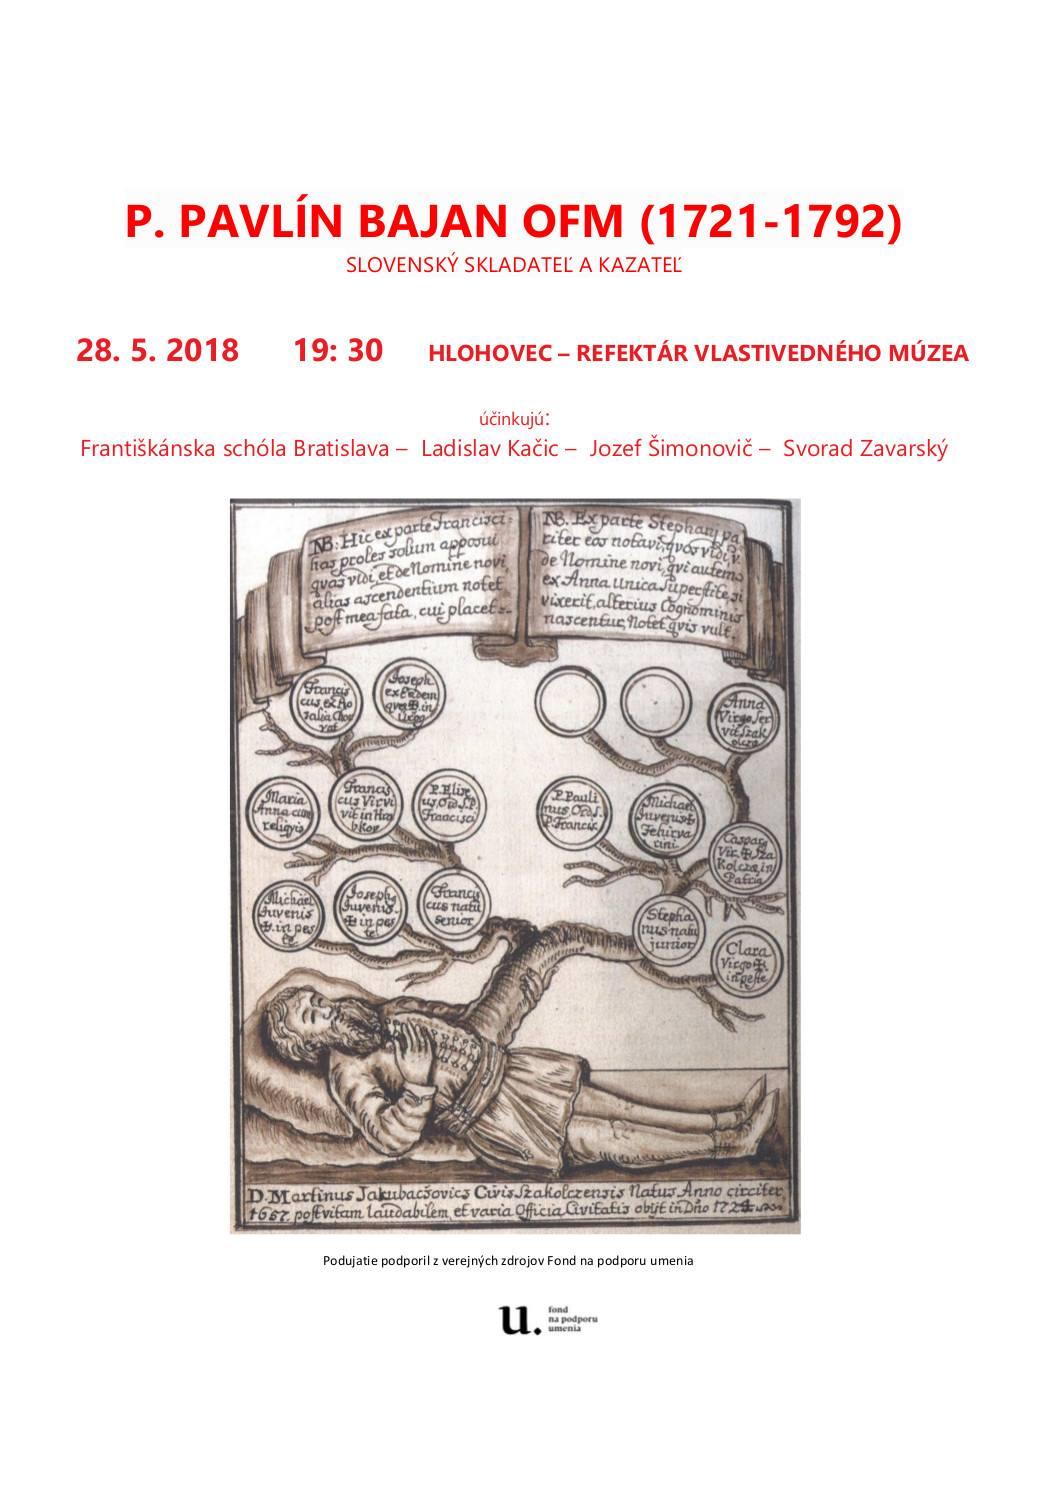 P. Pavlín Banaj OFM (1721-1792) – Slovenský skladateľ a kazateľ